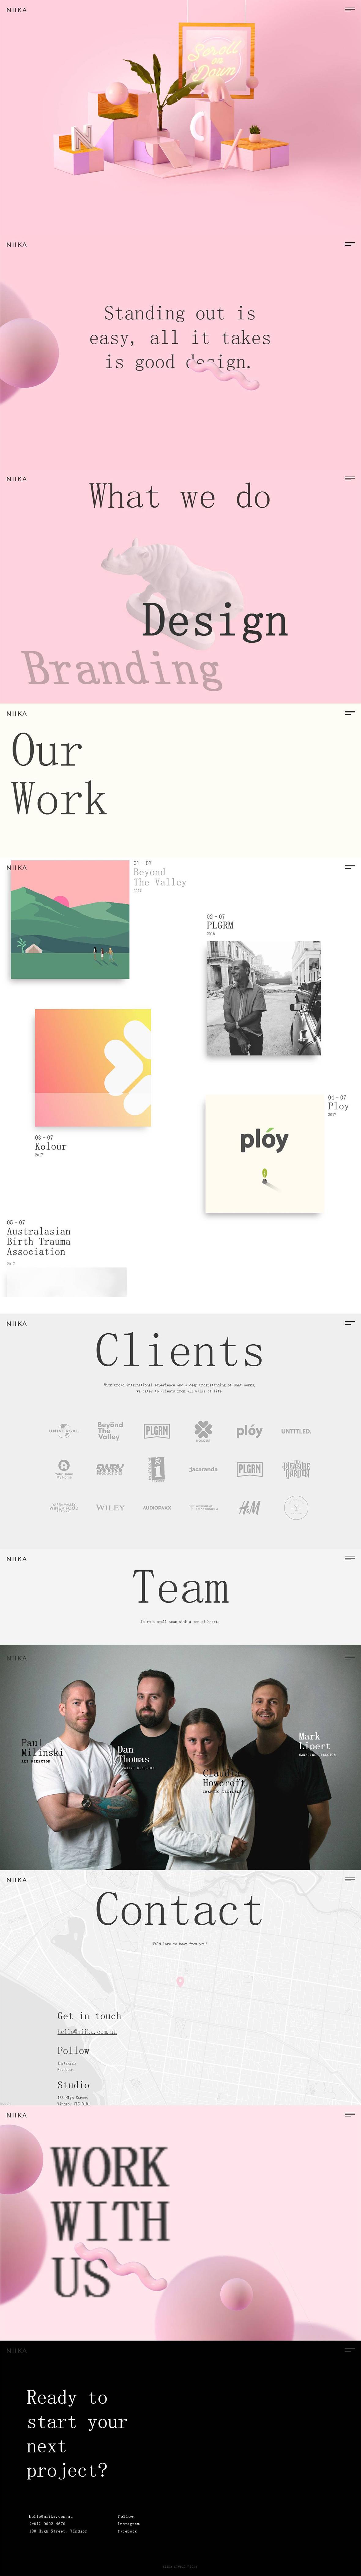 Niika-创意,网页设计,创意设计,创意网站,字体设计,设计网站,设计作品,网站欣赏,优,ui设计,设计,设计师,平面设计,电商设计,动漫设计,网站设计